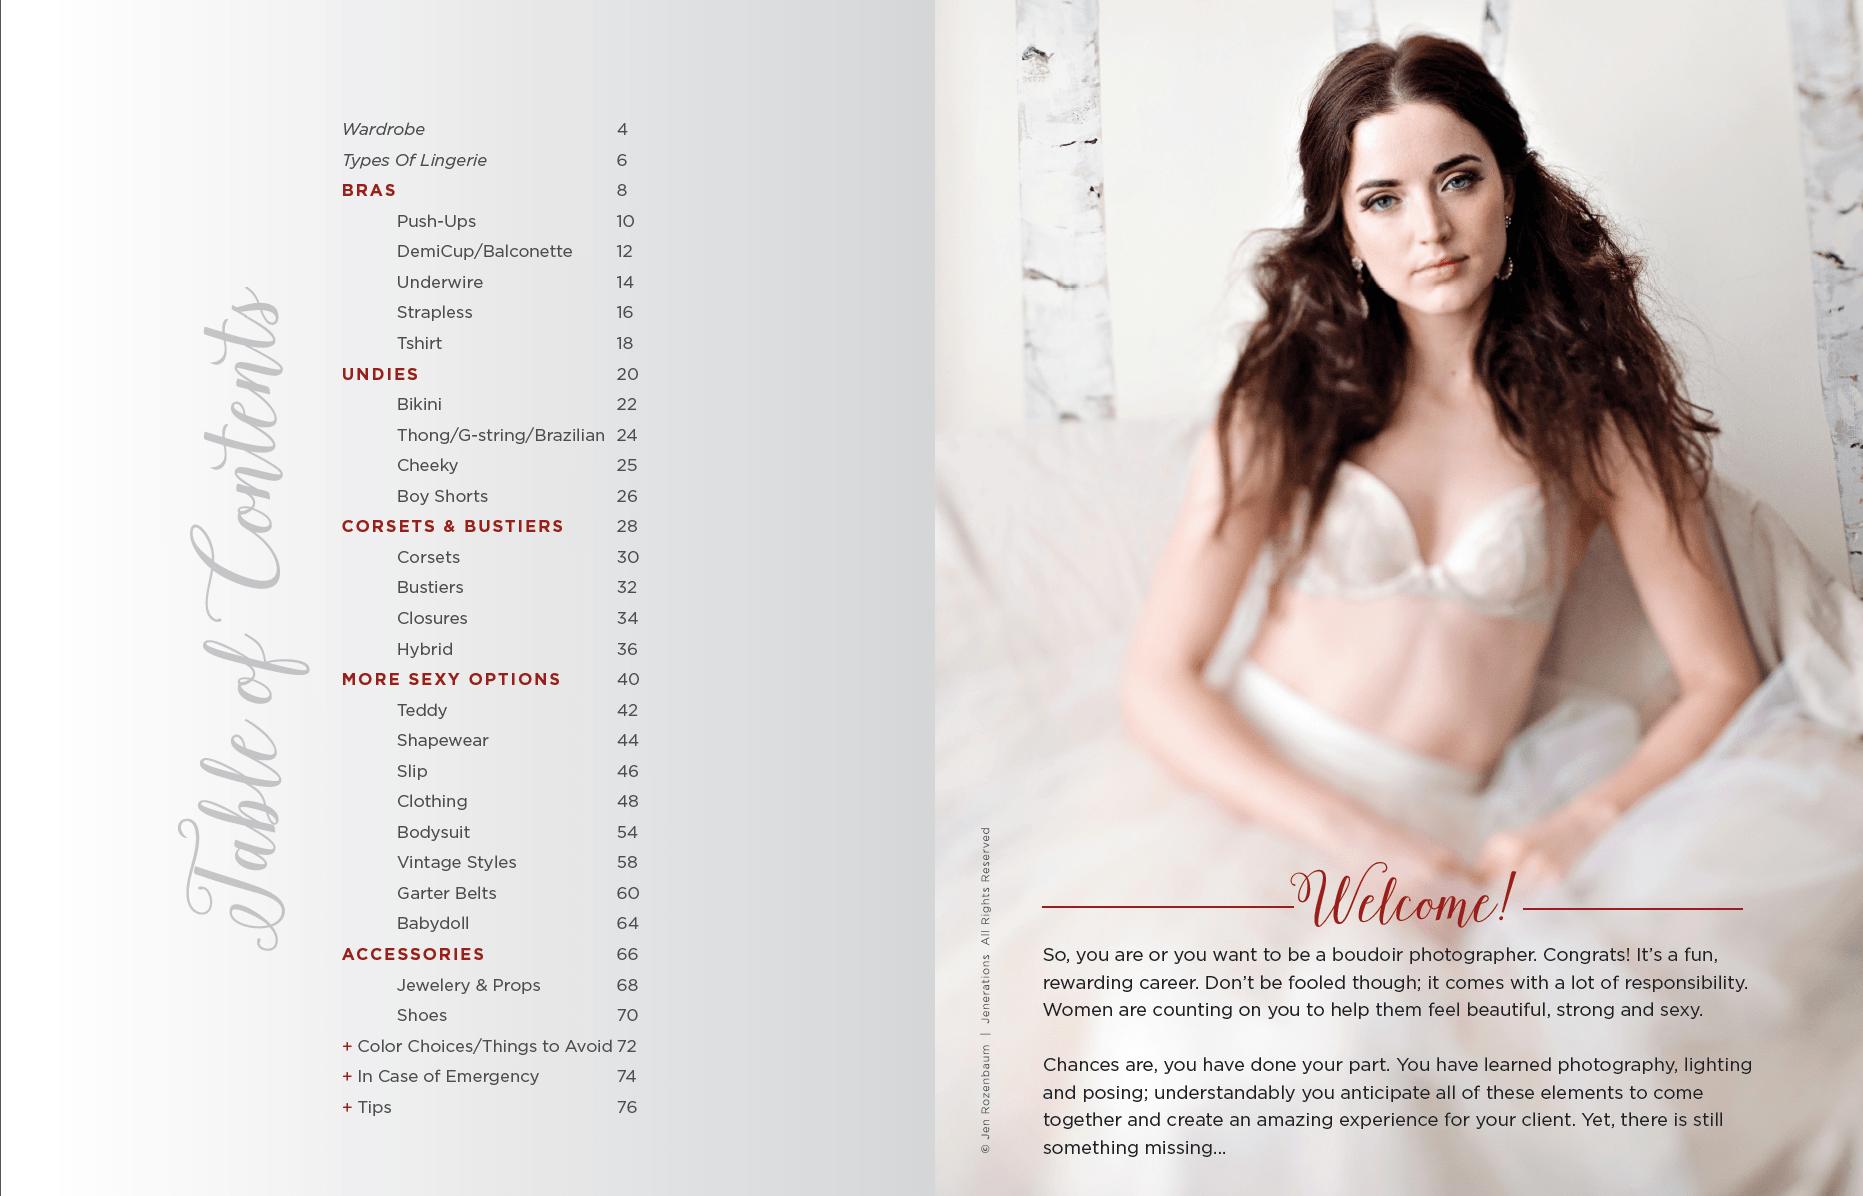 boudoir lingerie table of content